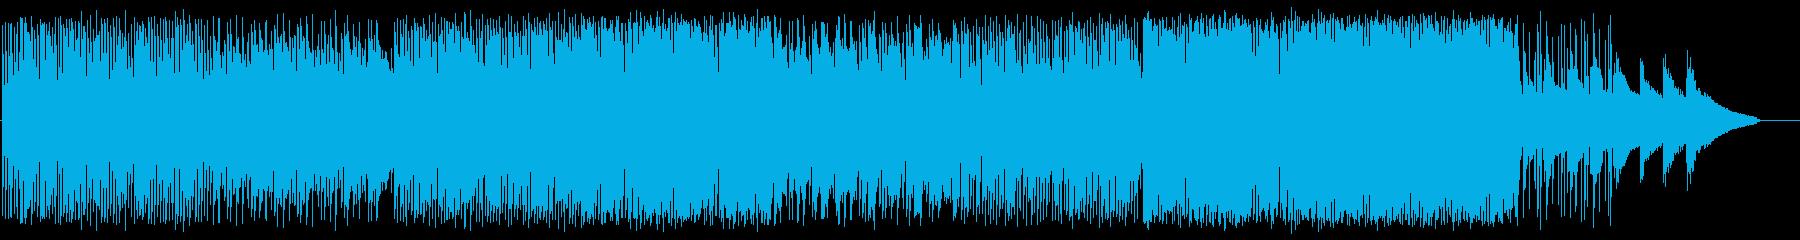 メローでデジタルなシンセバンドサウンドの再生済みの波形